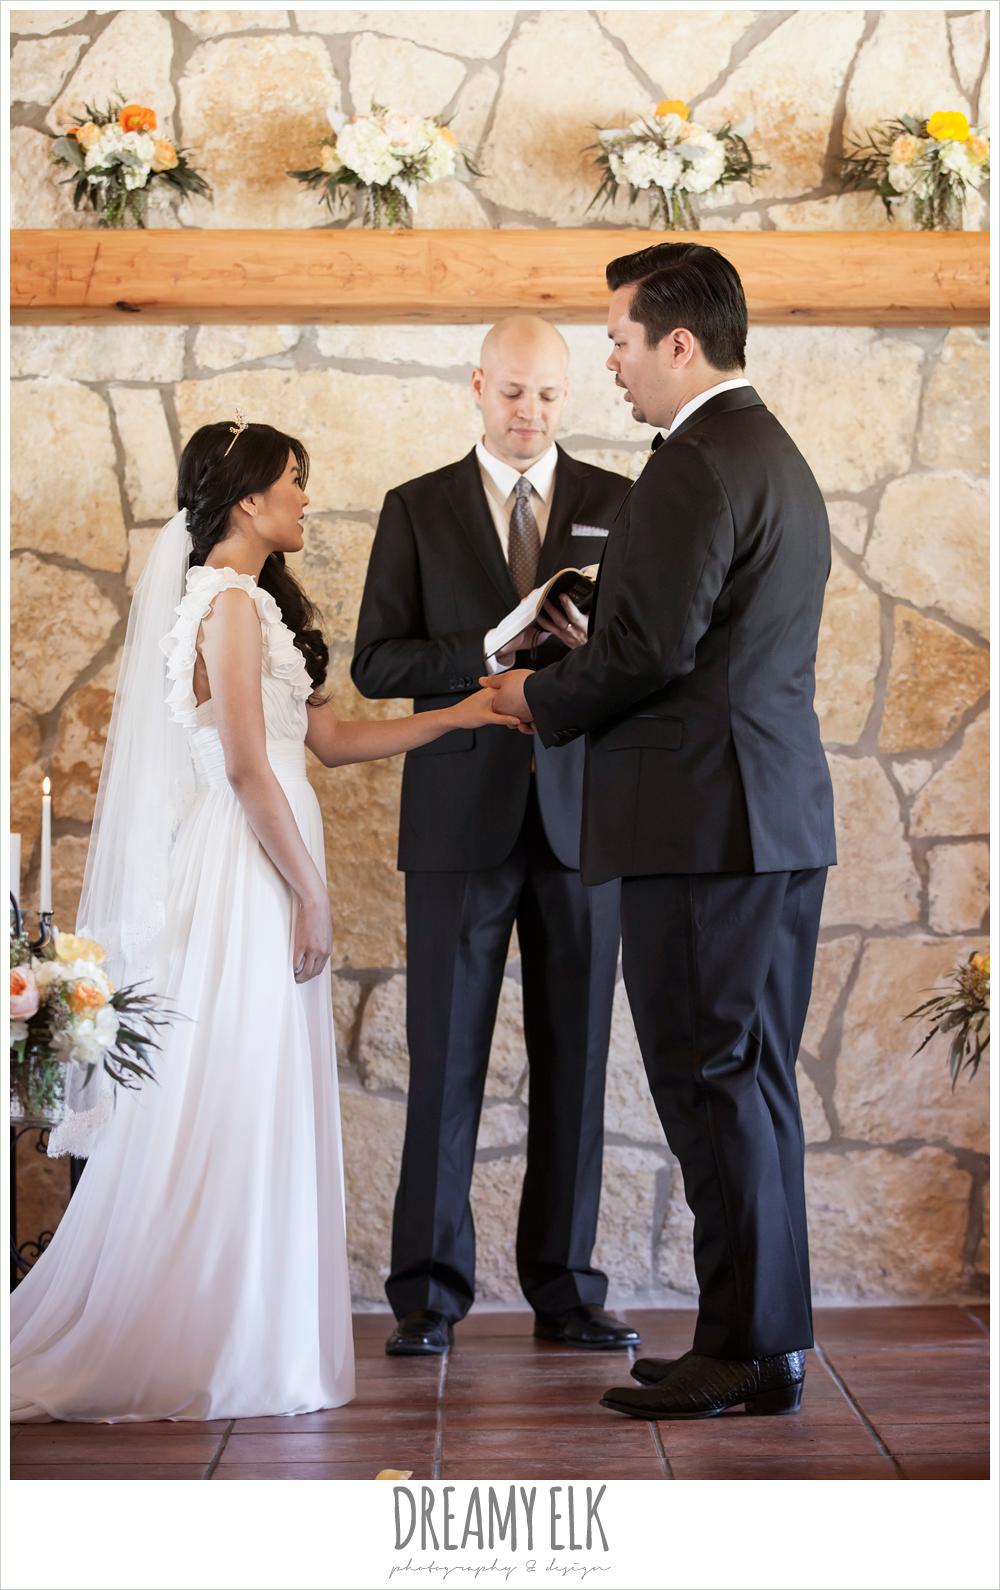 wedding ceremony, la hacienda, dripping springs, texas {dreamy elk photography and design} photo